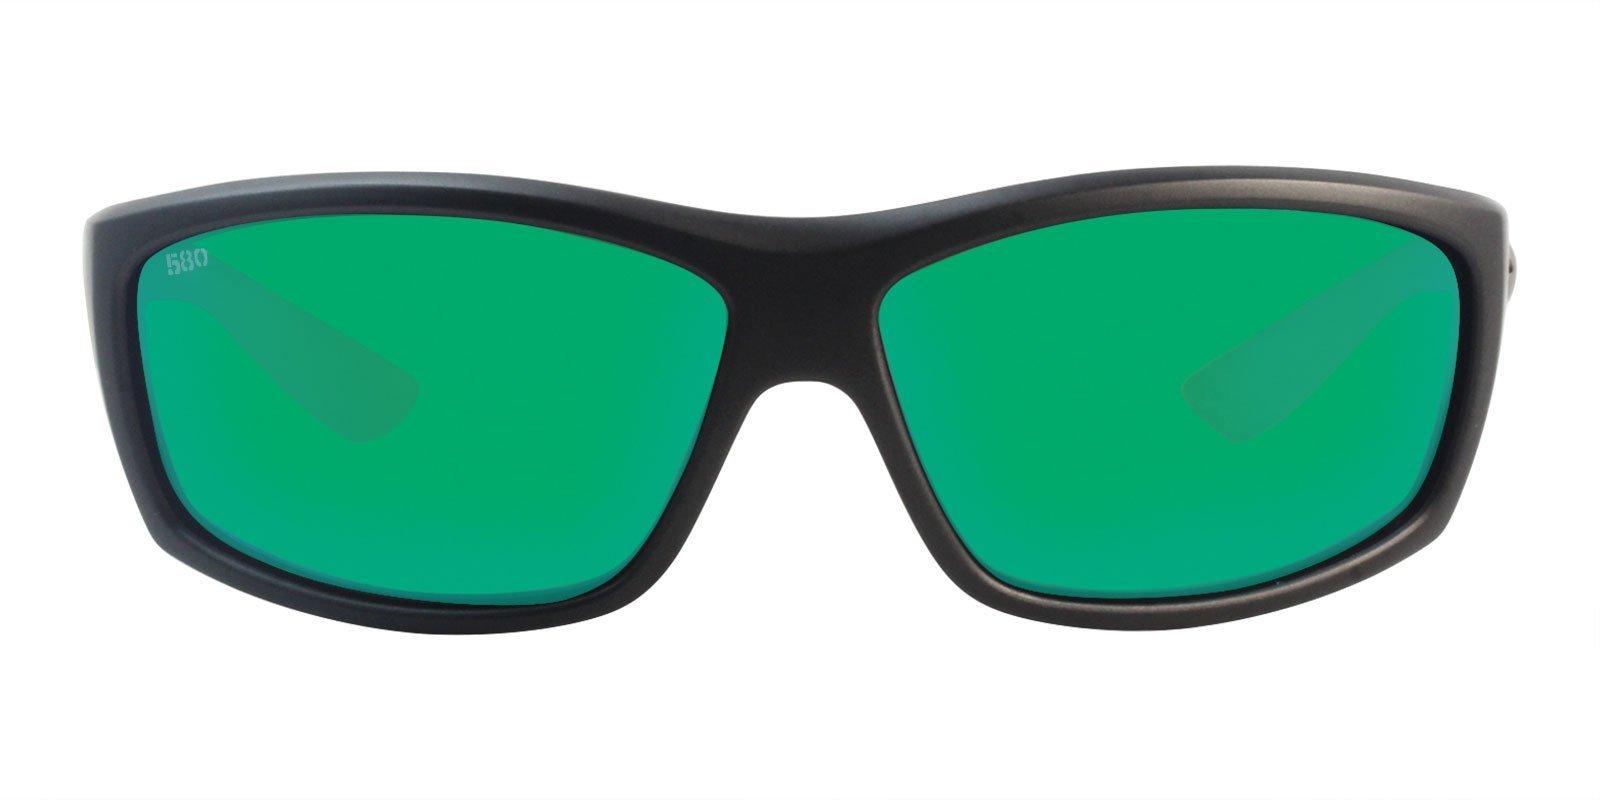 14886d5093a8 Costa Del Mar - Saltbreak Gray - Green sunglasses